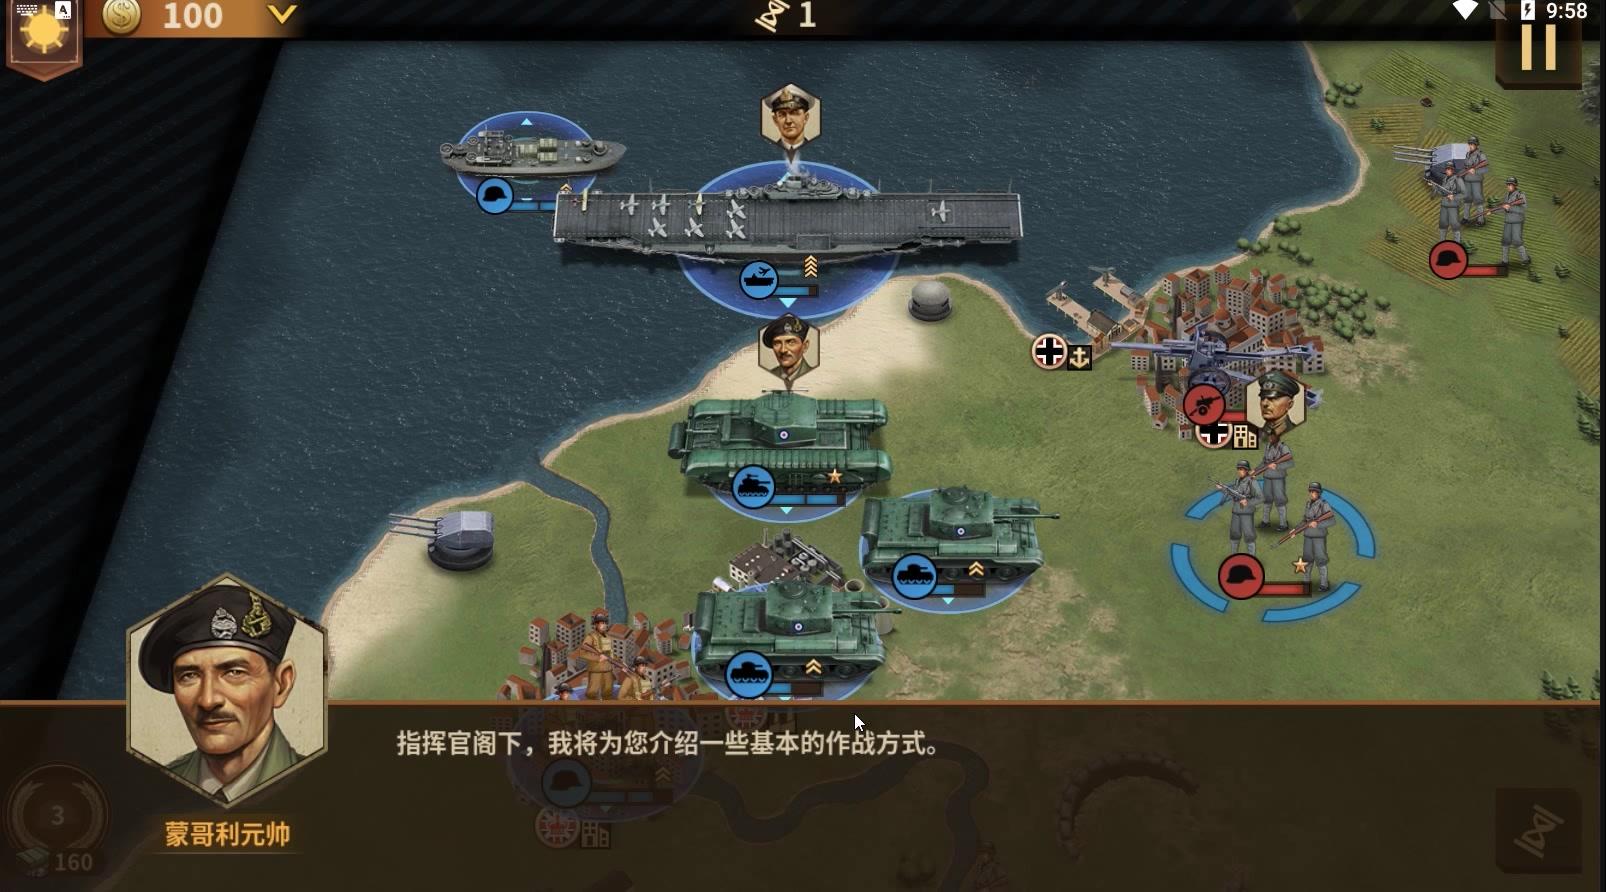 3分钟试玩实录:《钢铁命令:将军的荣耀3》手游新版本1月7日开测